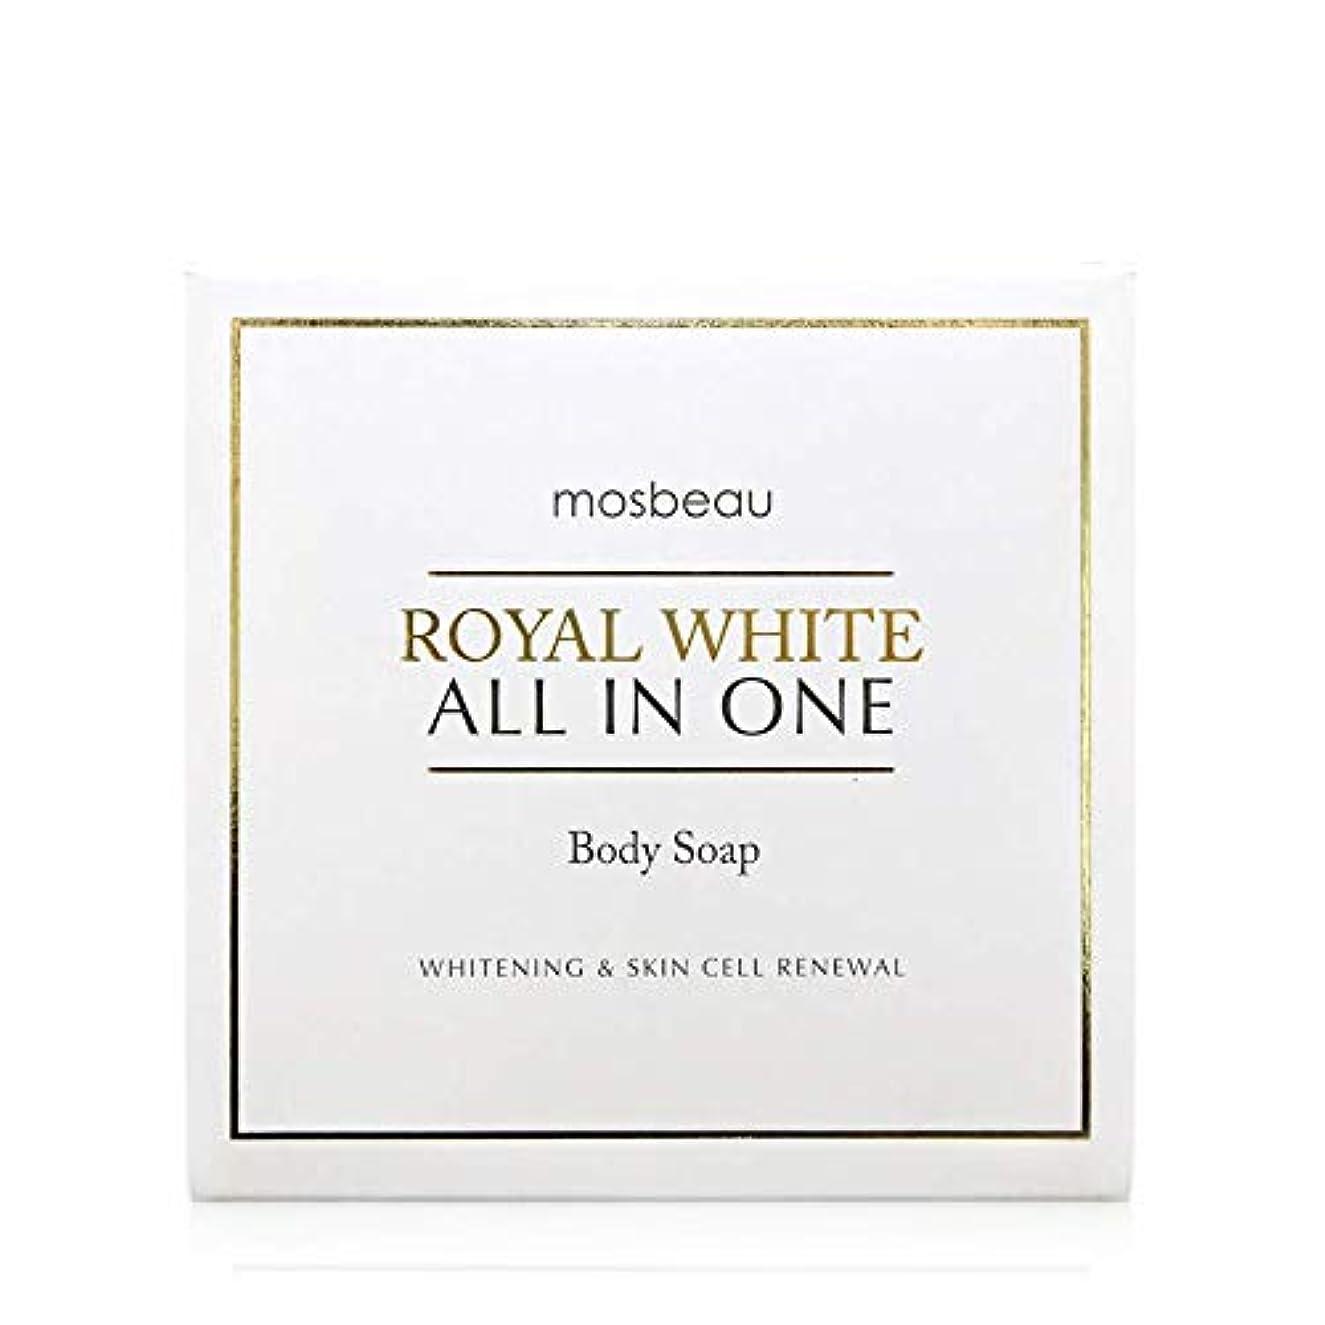 体子豚バイソンmosbeau ROYAL WHITE ALL-IN-ONE BODY SOAP 100g ロィヤルホワイトオールインワンボディーソープ